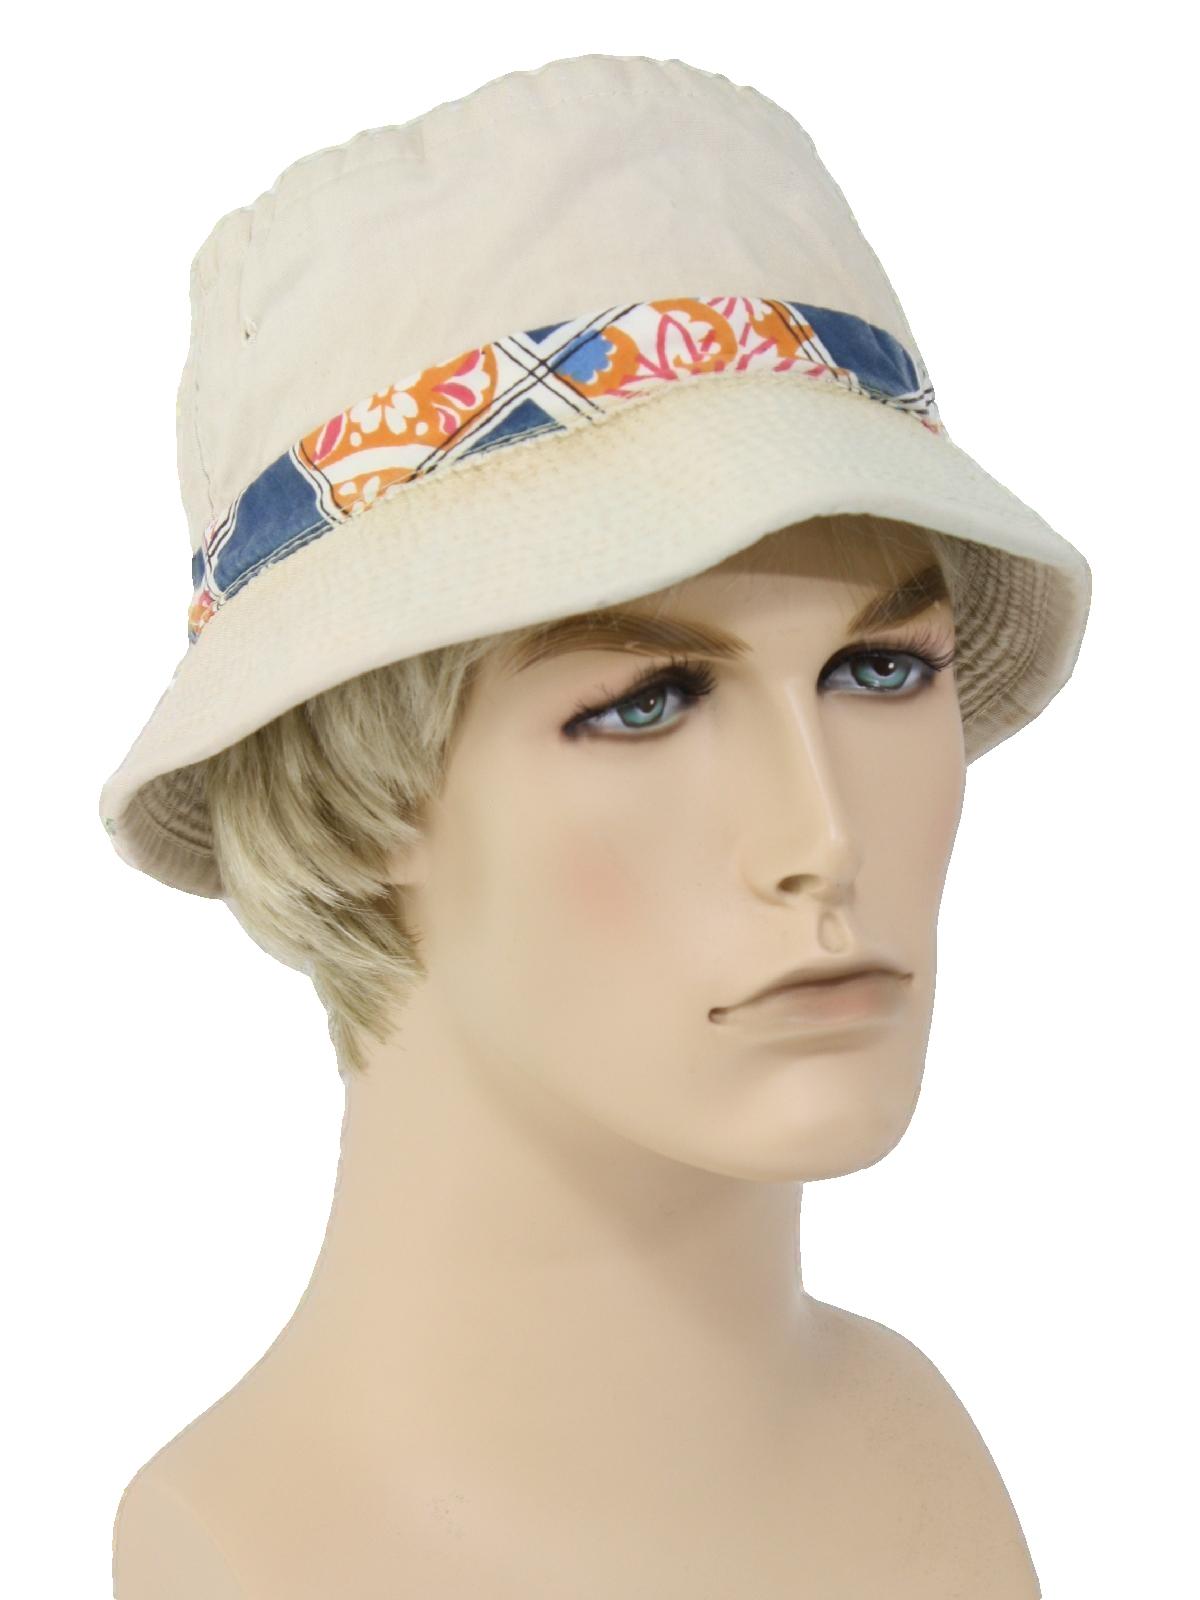 827ef733ee4 1980 s Vintage Made in Korea Hat  80s -Made in Korea- Mens light ...